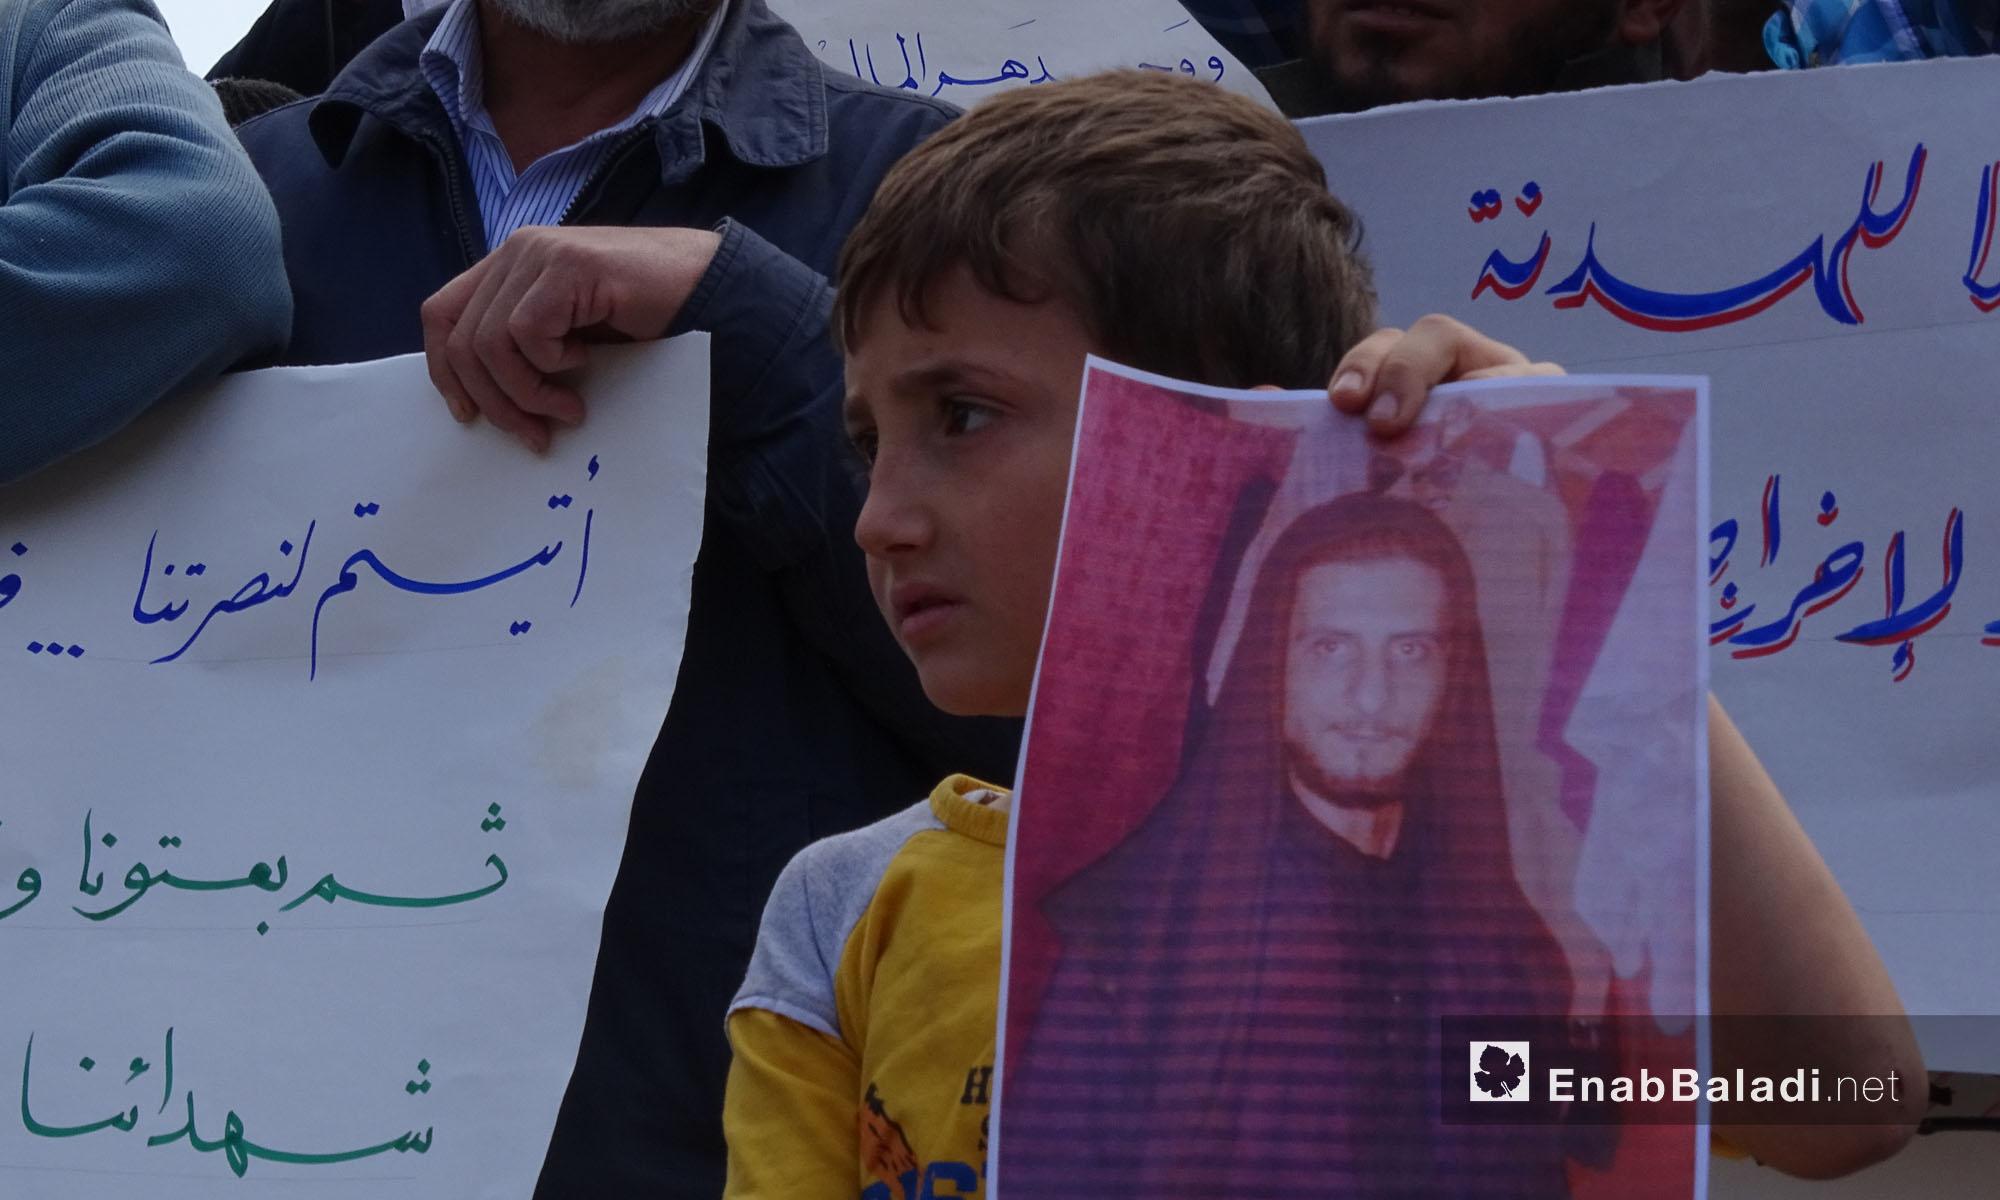 طفل يحمل صورة لأحد أقاربه مطالبًا بالمعتقلين خلال مظاهرة في إدلب - 23 نيسان 2014 (عنب بلدي)